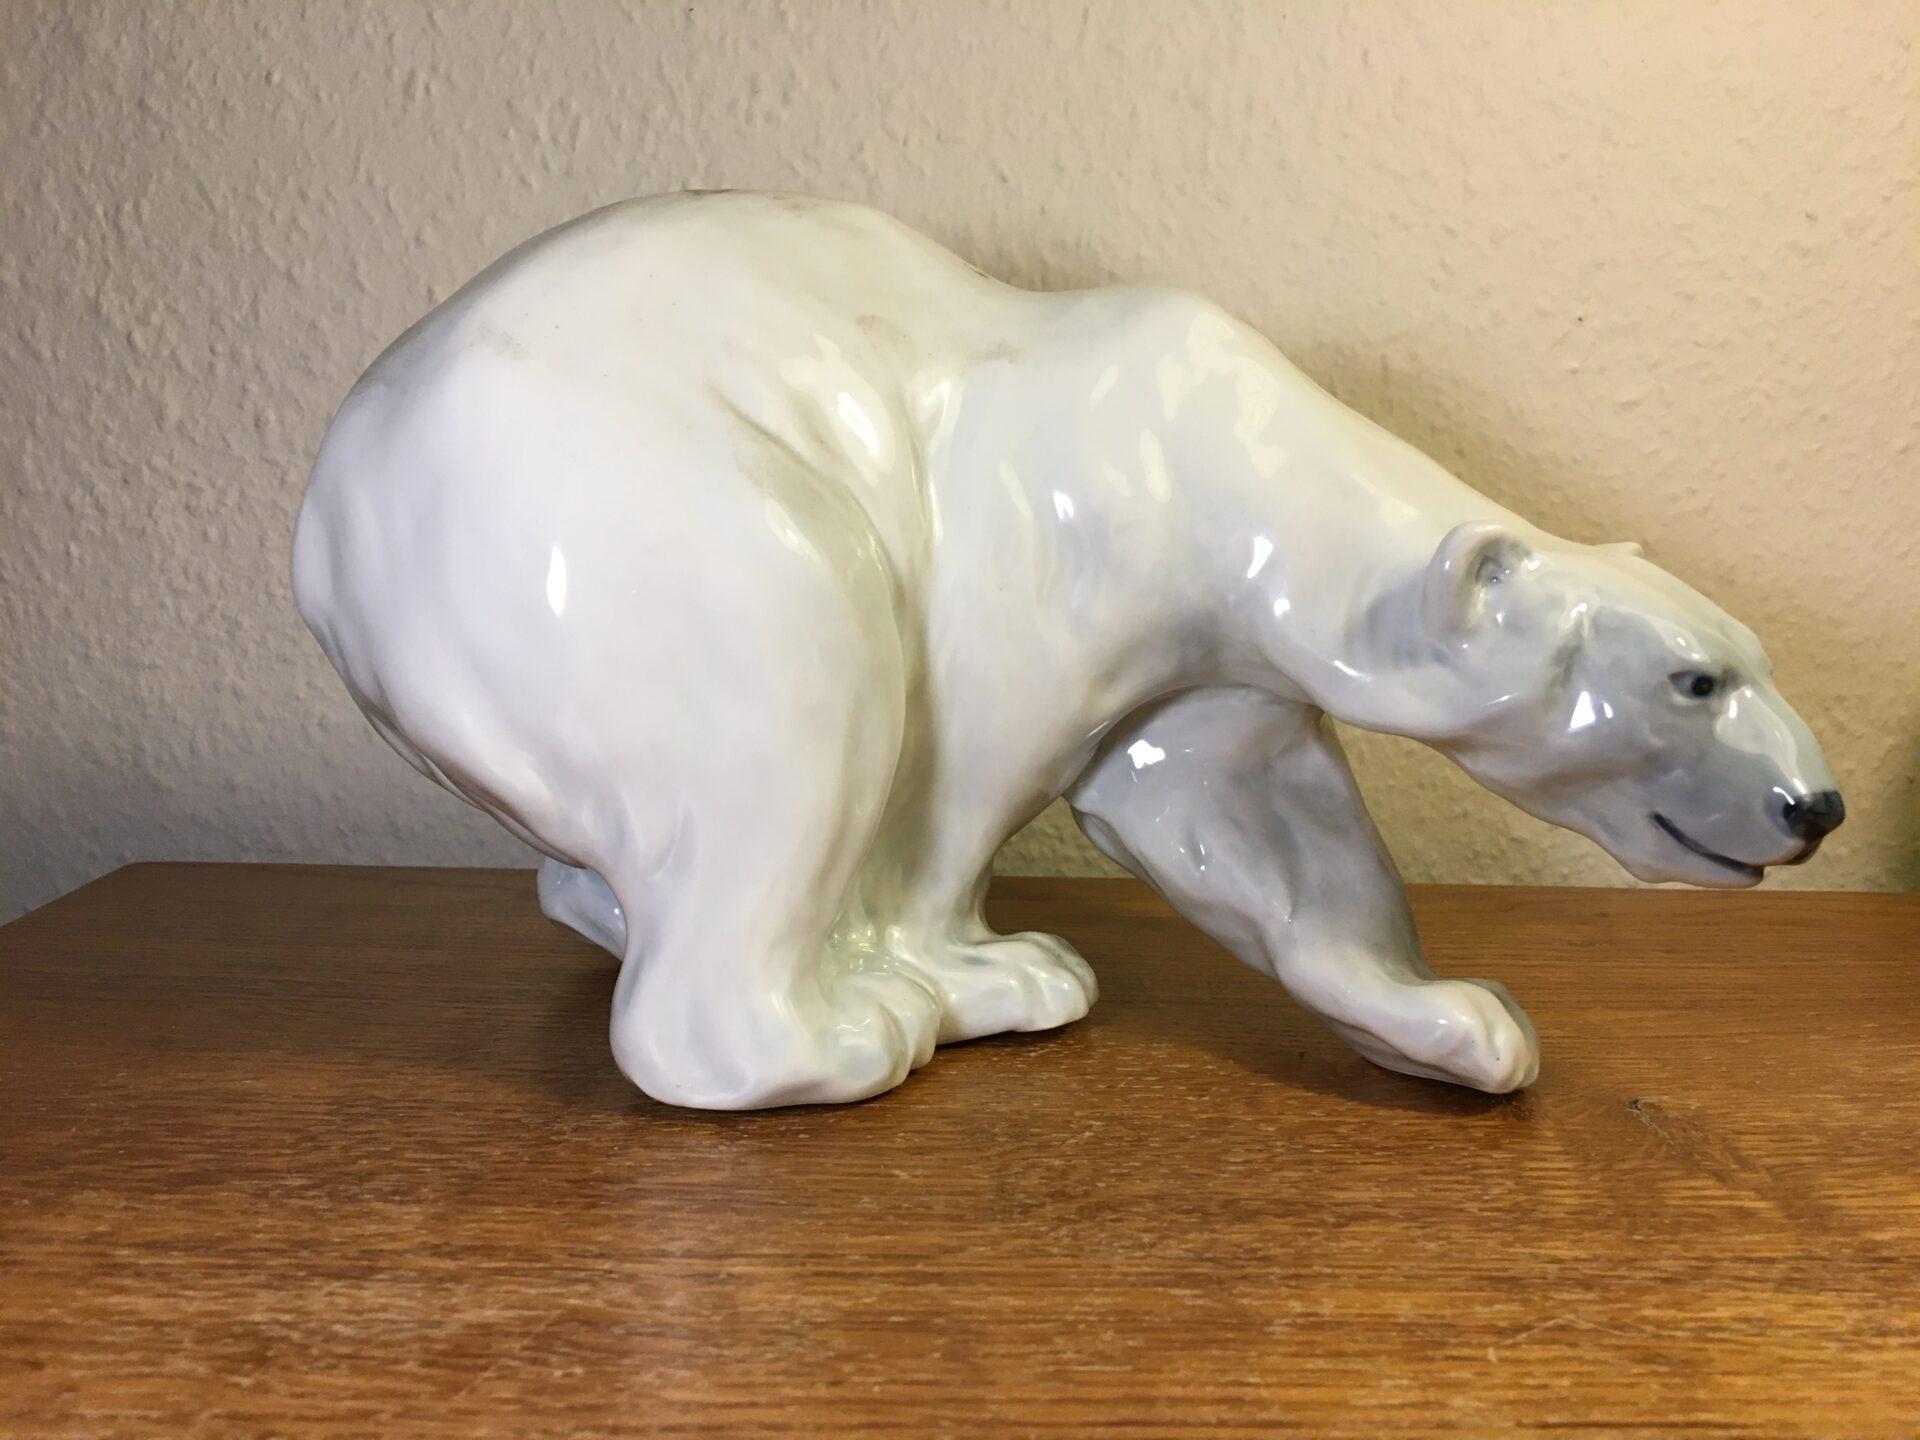 Kongelig porcelæn, stor isbjøren, nr 089 (1137), 1. sortering, fejlfri, pris 1500kr